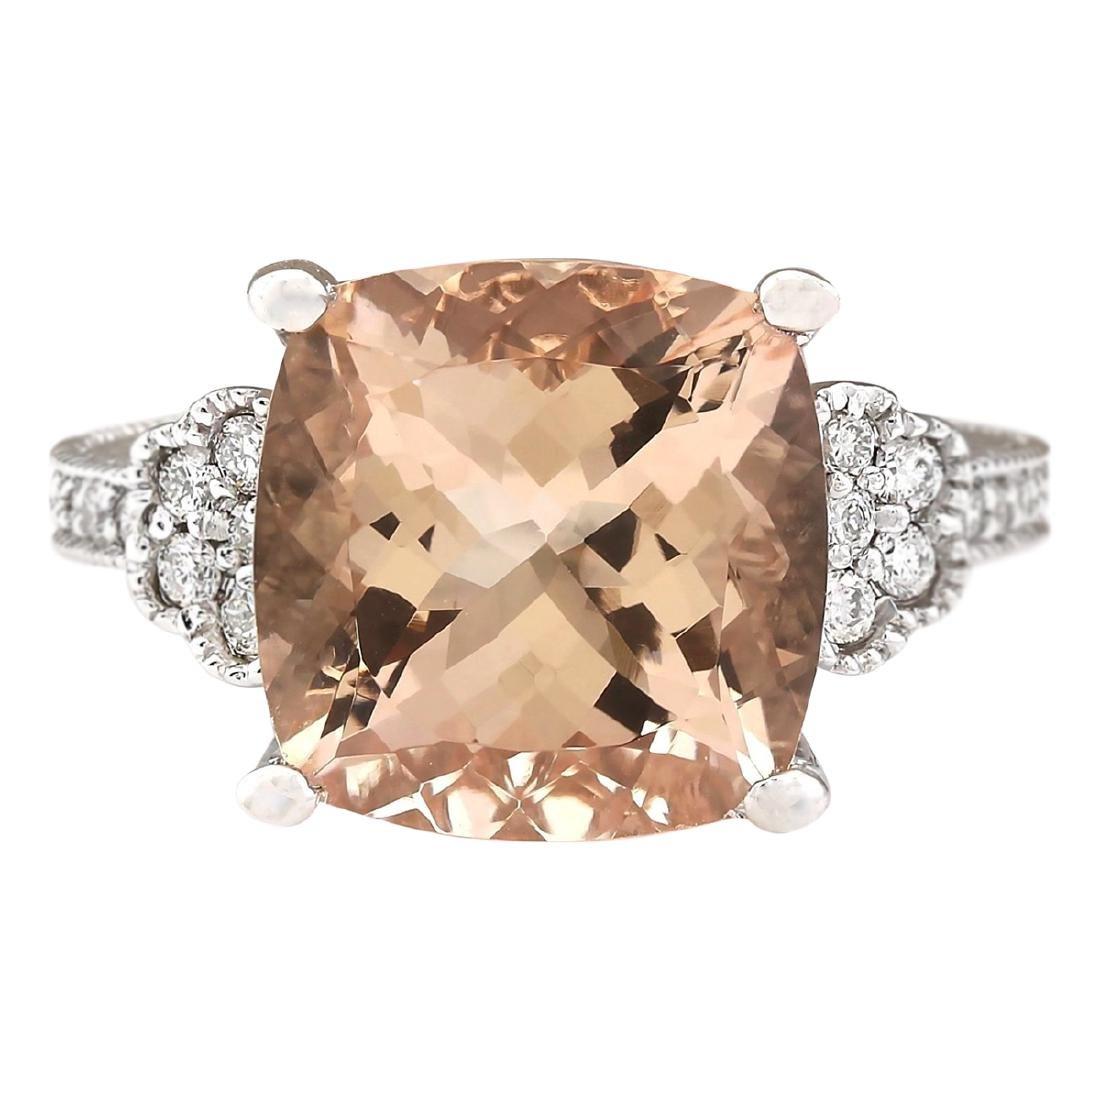 8.11 CTW Natural Morganite And Diamond Ring In 18K